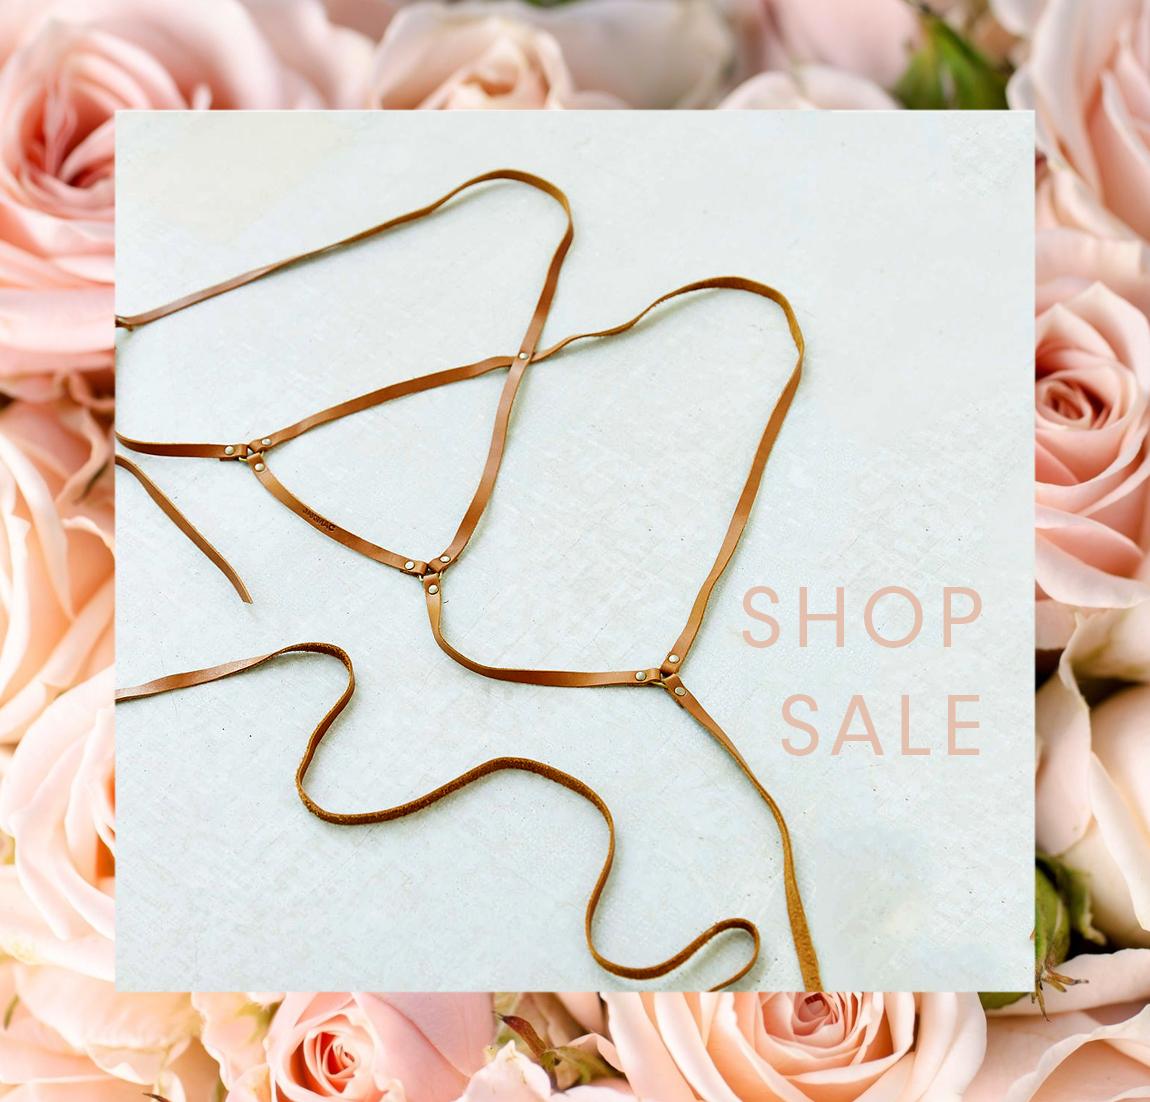 Shop-Sale1b.jpg